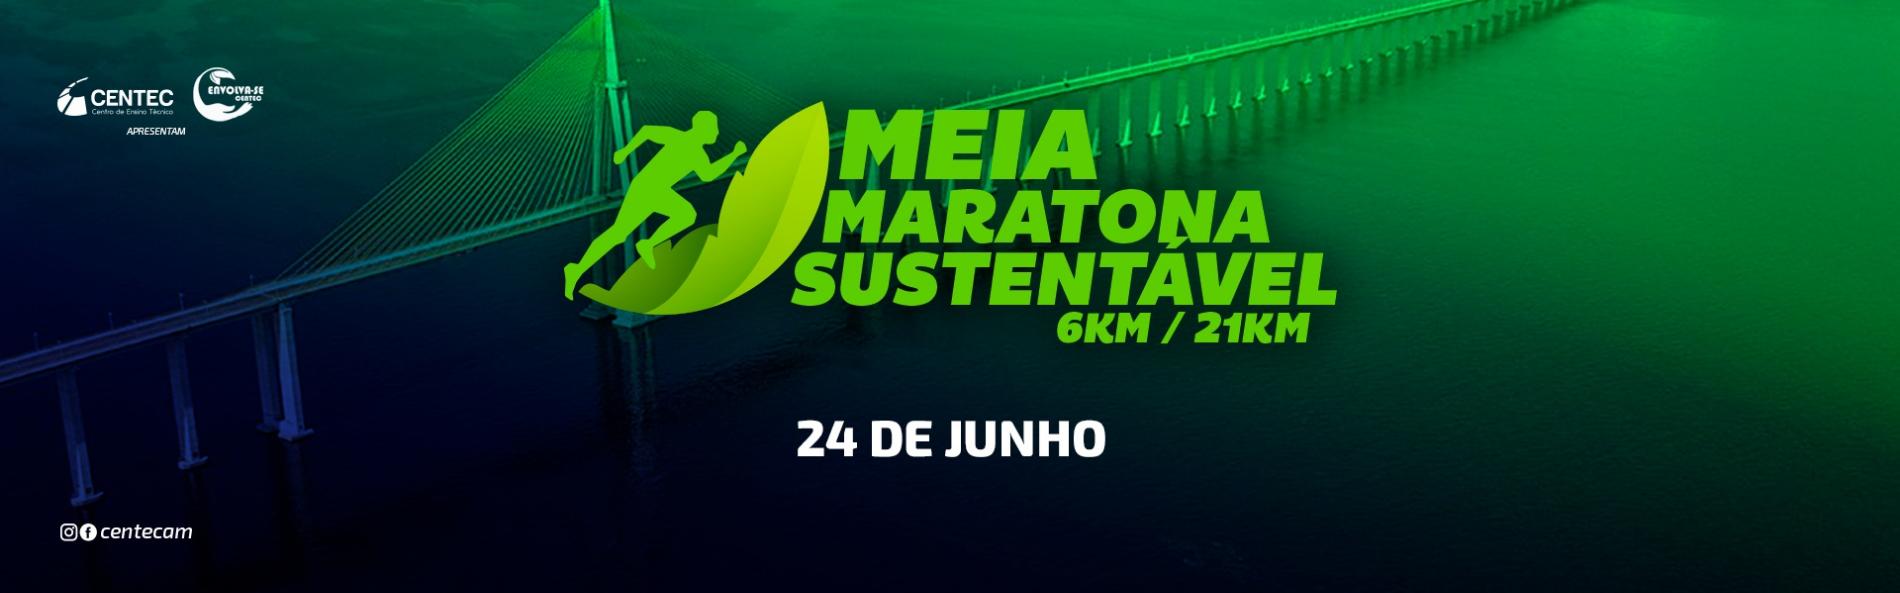 Meia Maratona Sustentável 6km e 21km - Centec